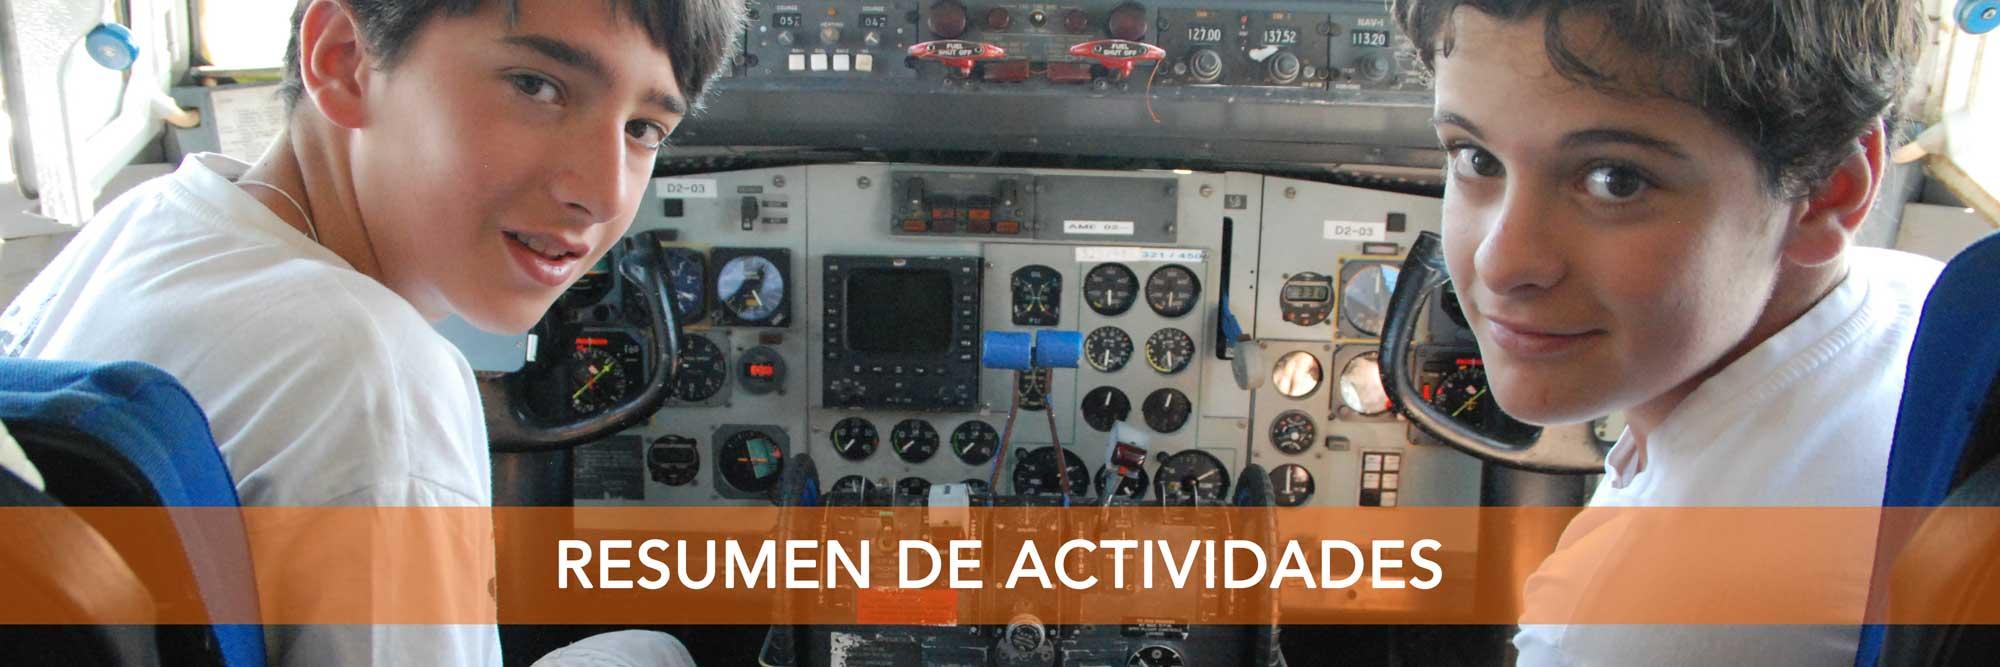 cabecera-actividades-ok-3